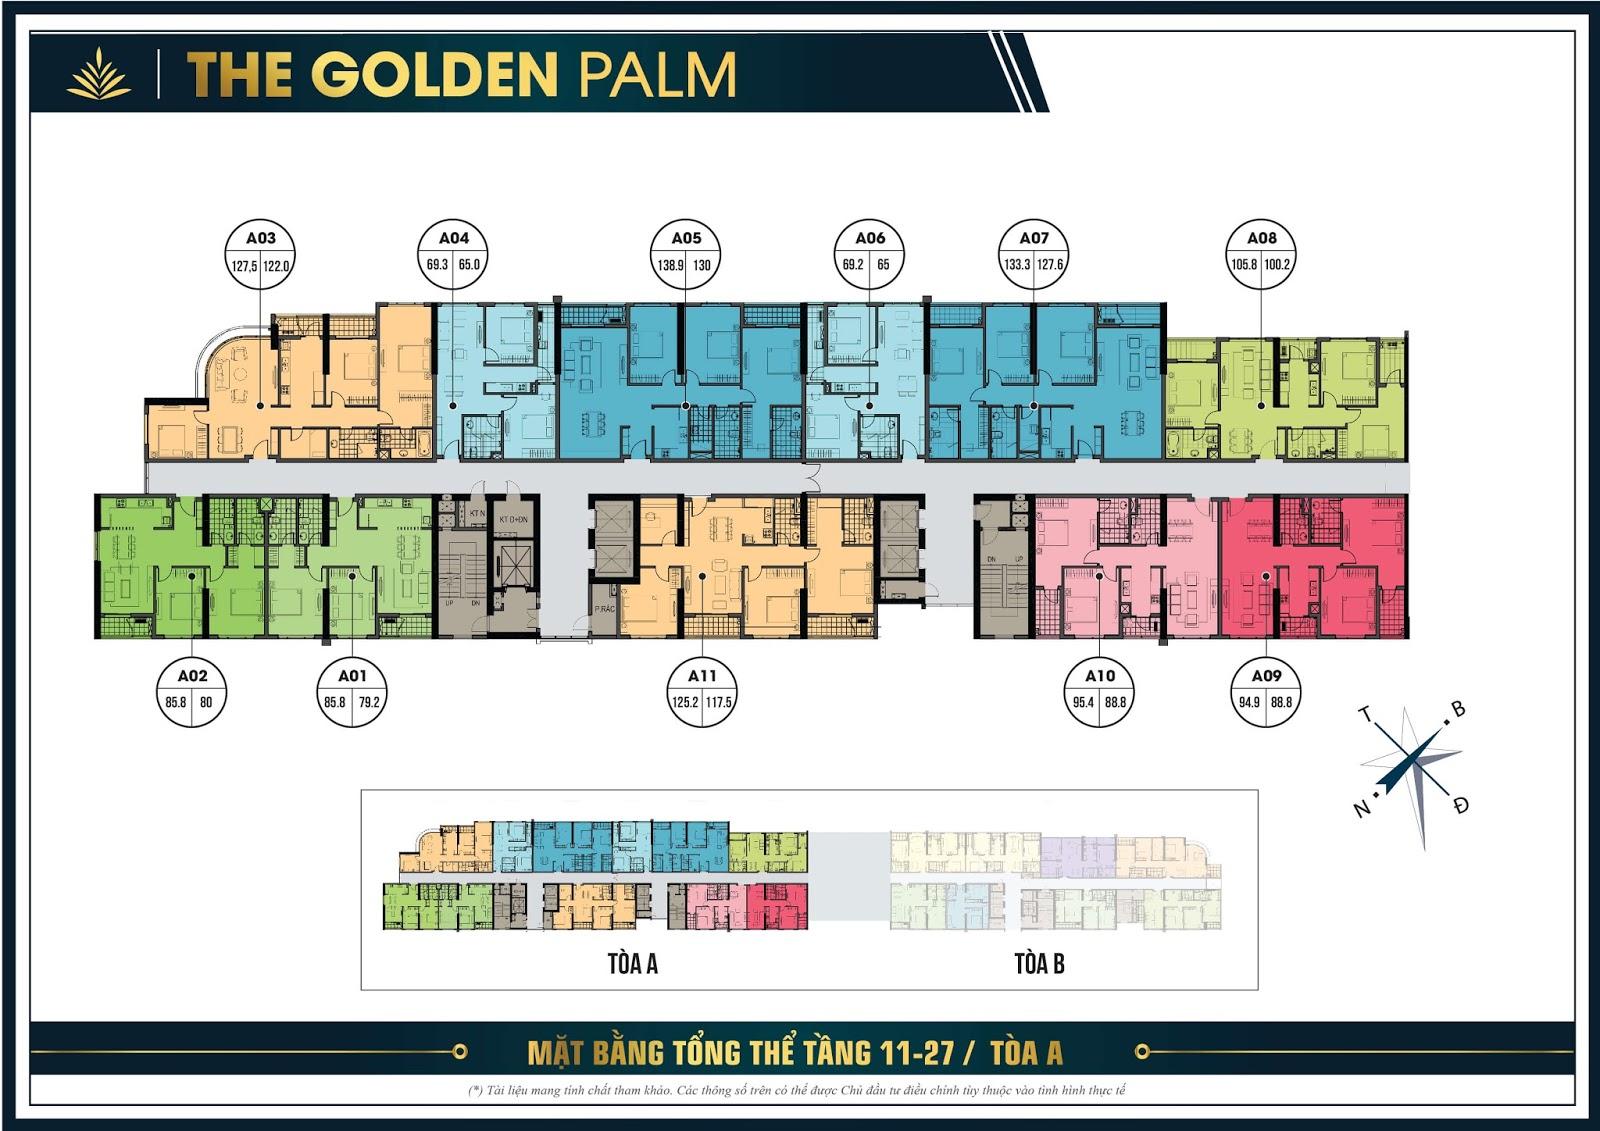 Thiết kế mặt bằng căn hộ điển hình tầng 11 đến 27 tòa A - The Golden Palm